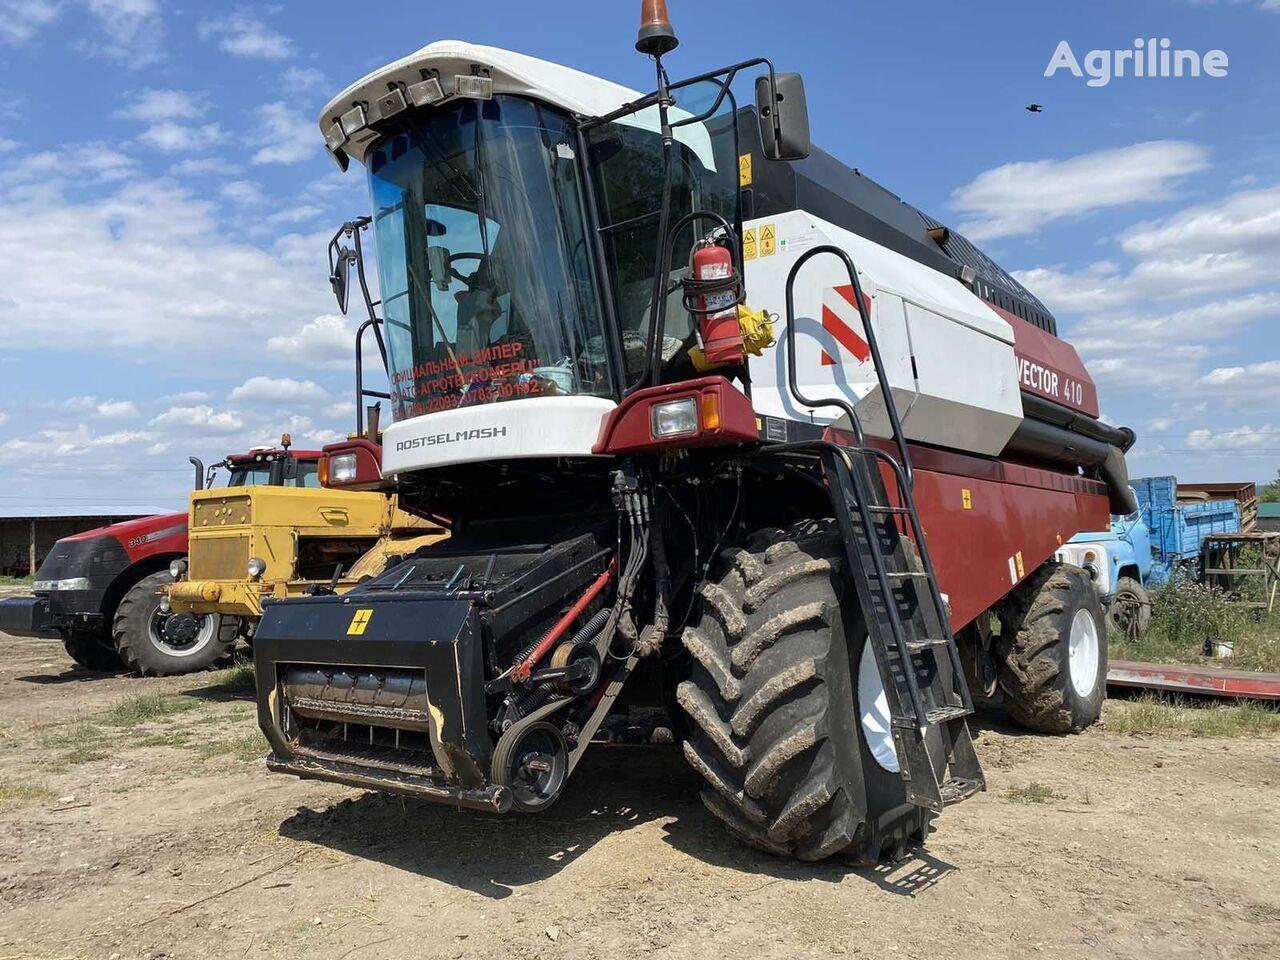 ROSTSELMASH Vector 410 cosechadora de cereales